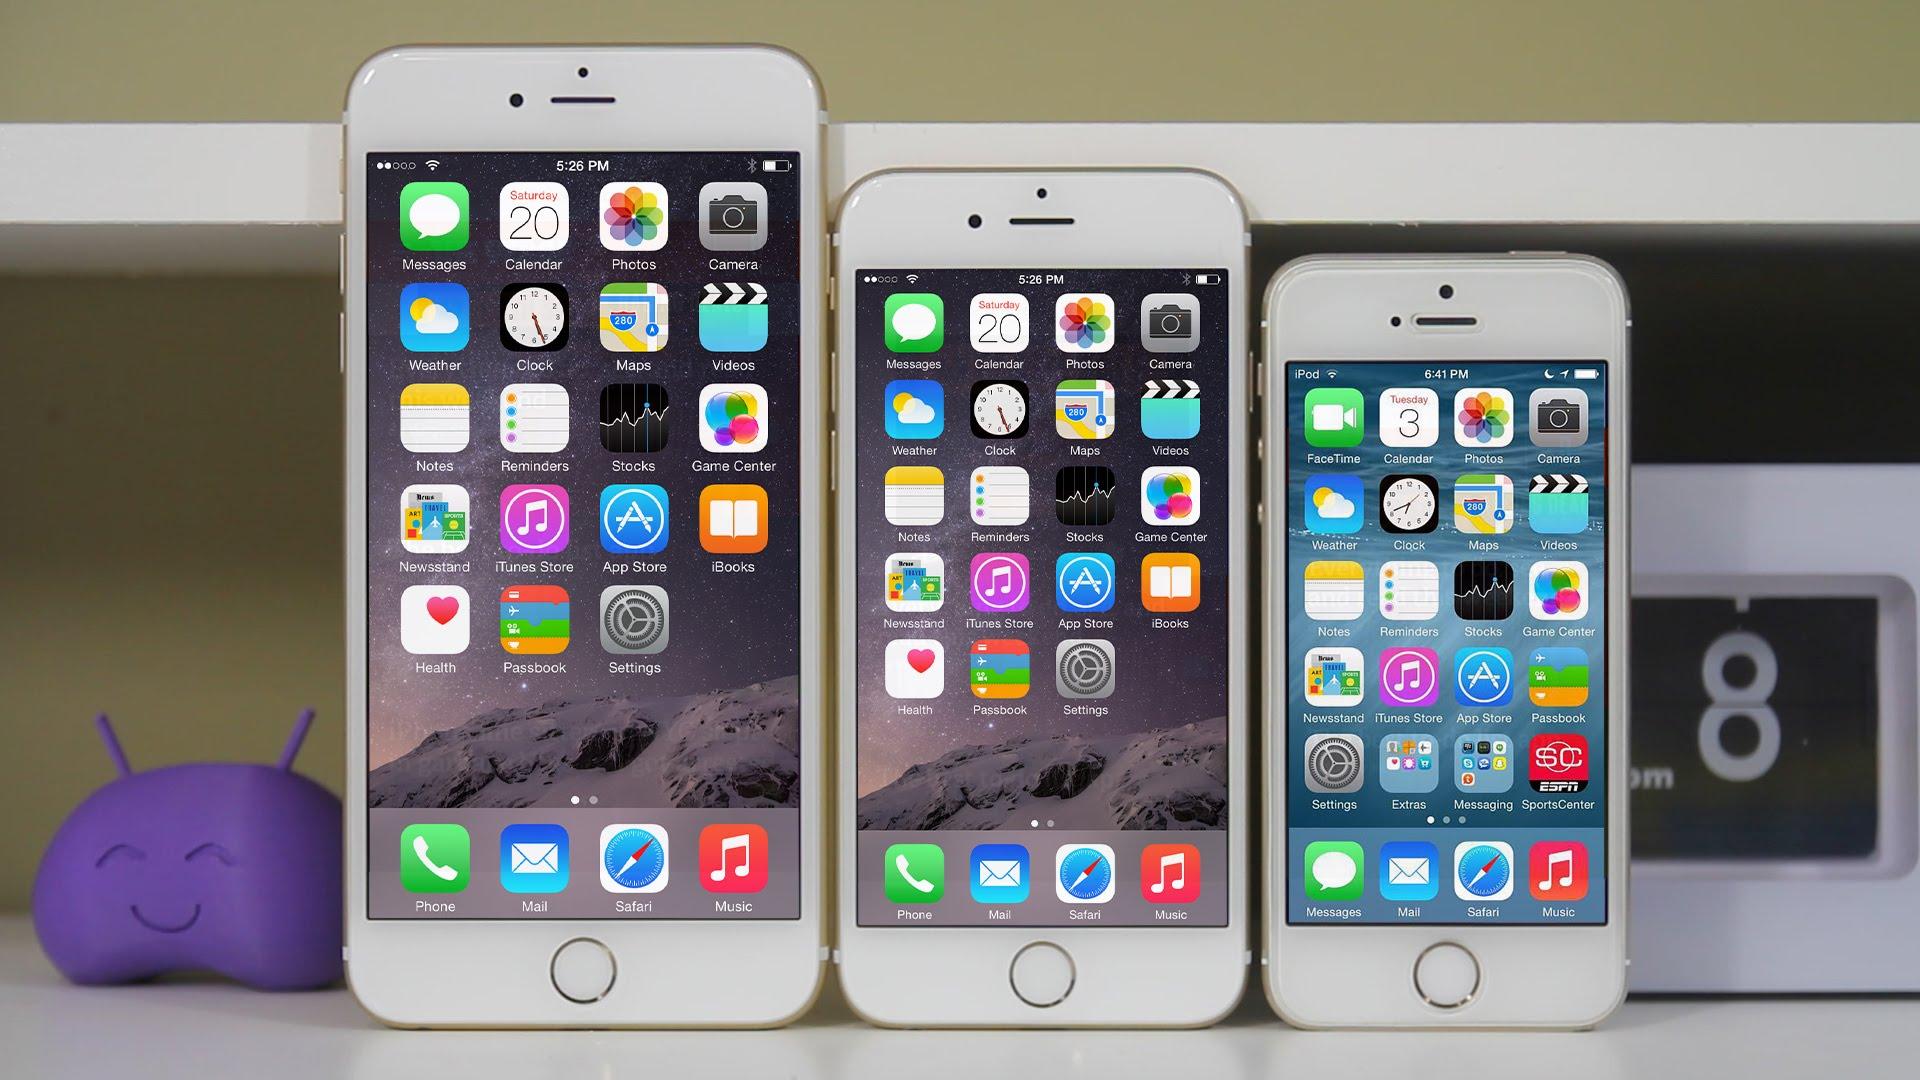 Apple prohrál patentový spor – má zaplatit 234 miliónů dolarů [aktualizováno]